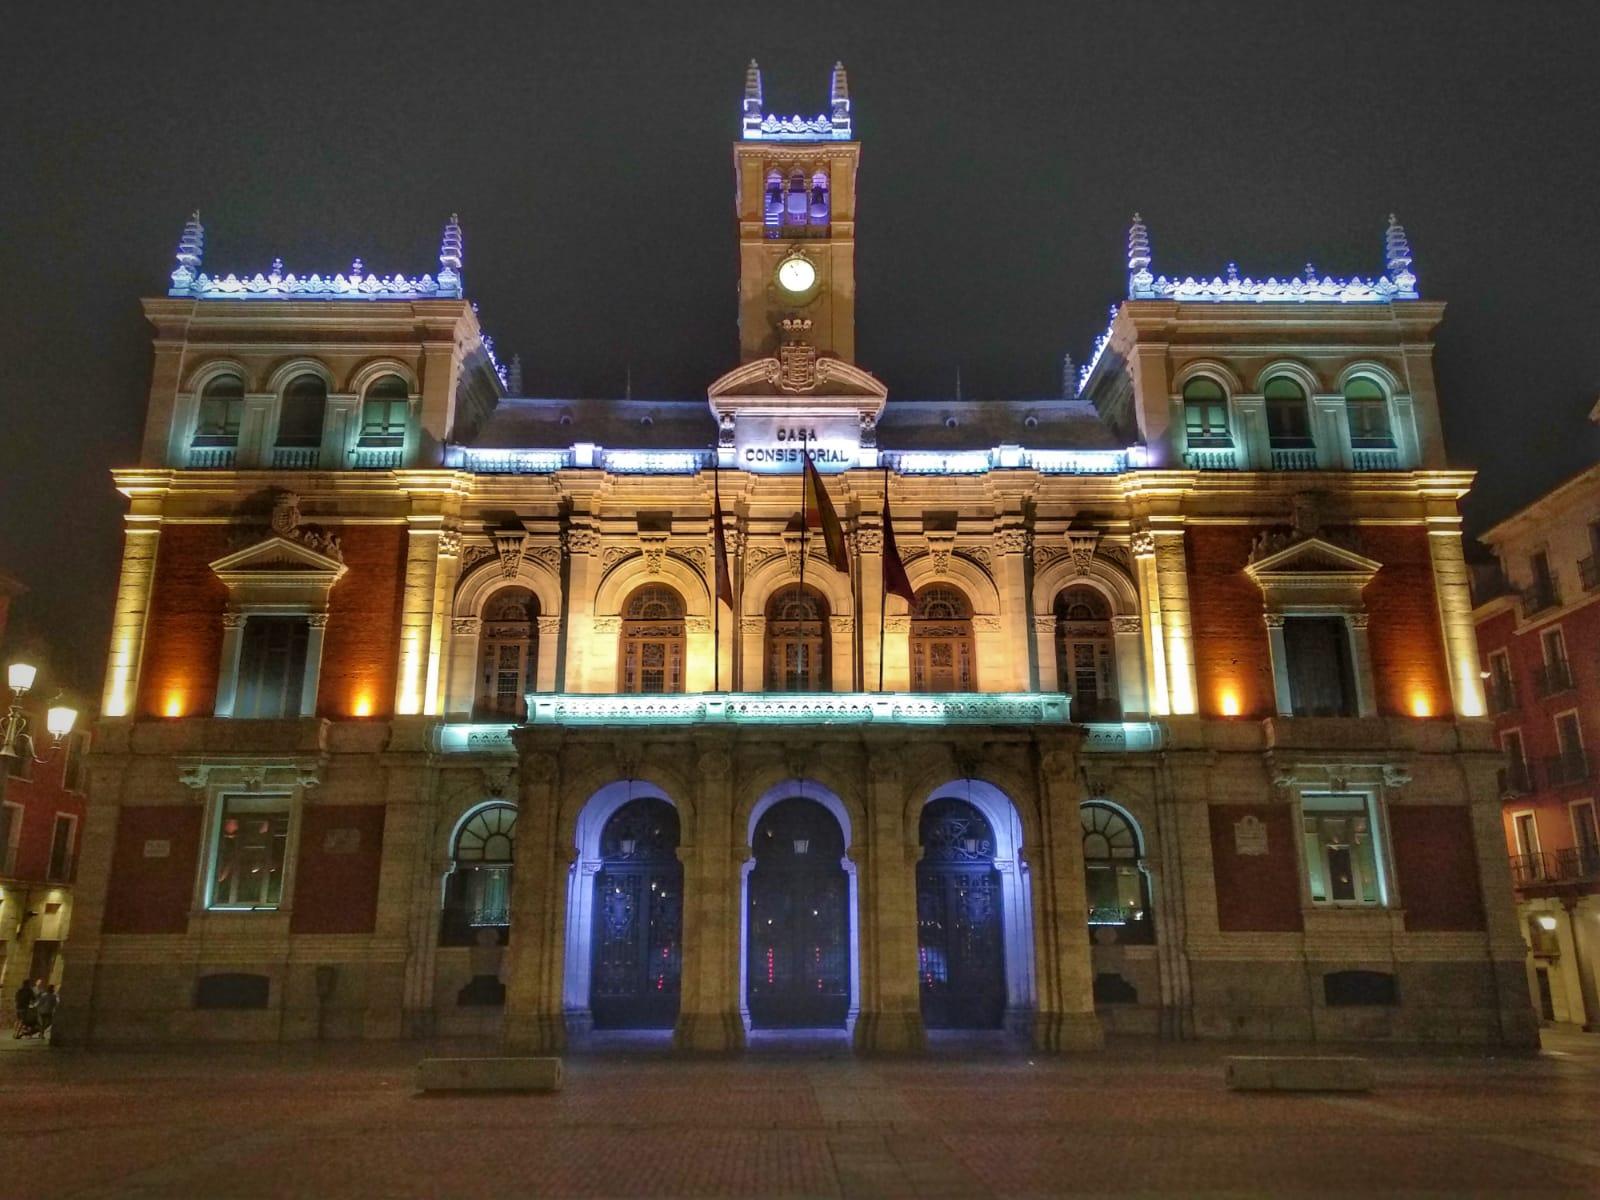 Qué ver en Valladolid - Plaza Mayor Valladolid - Ayuntamiento de Valladolid